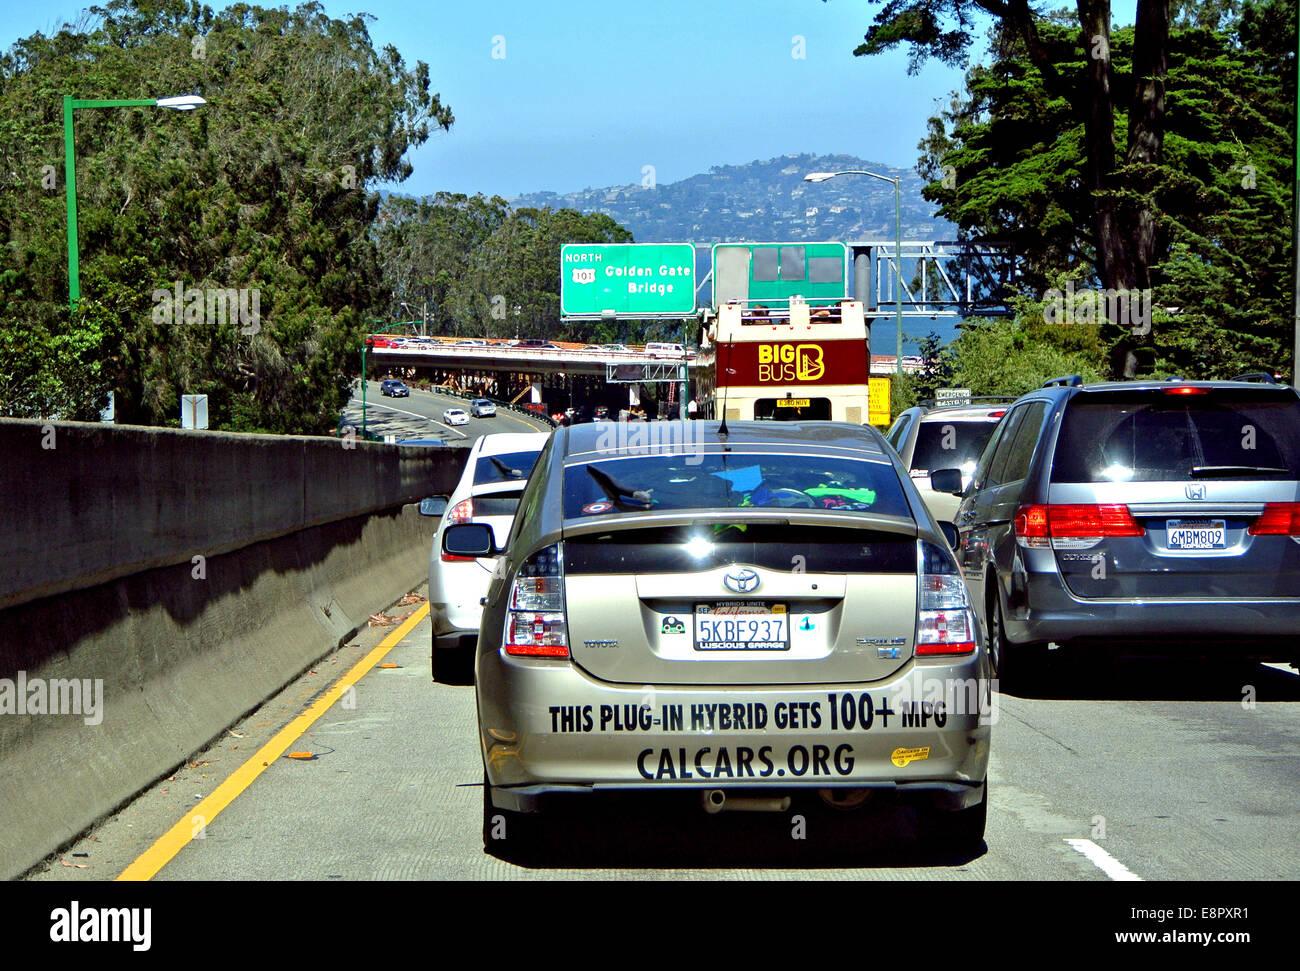 Plug-in híbrido en el tráfico en San Francisco, California Imagen De Stock